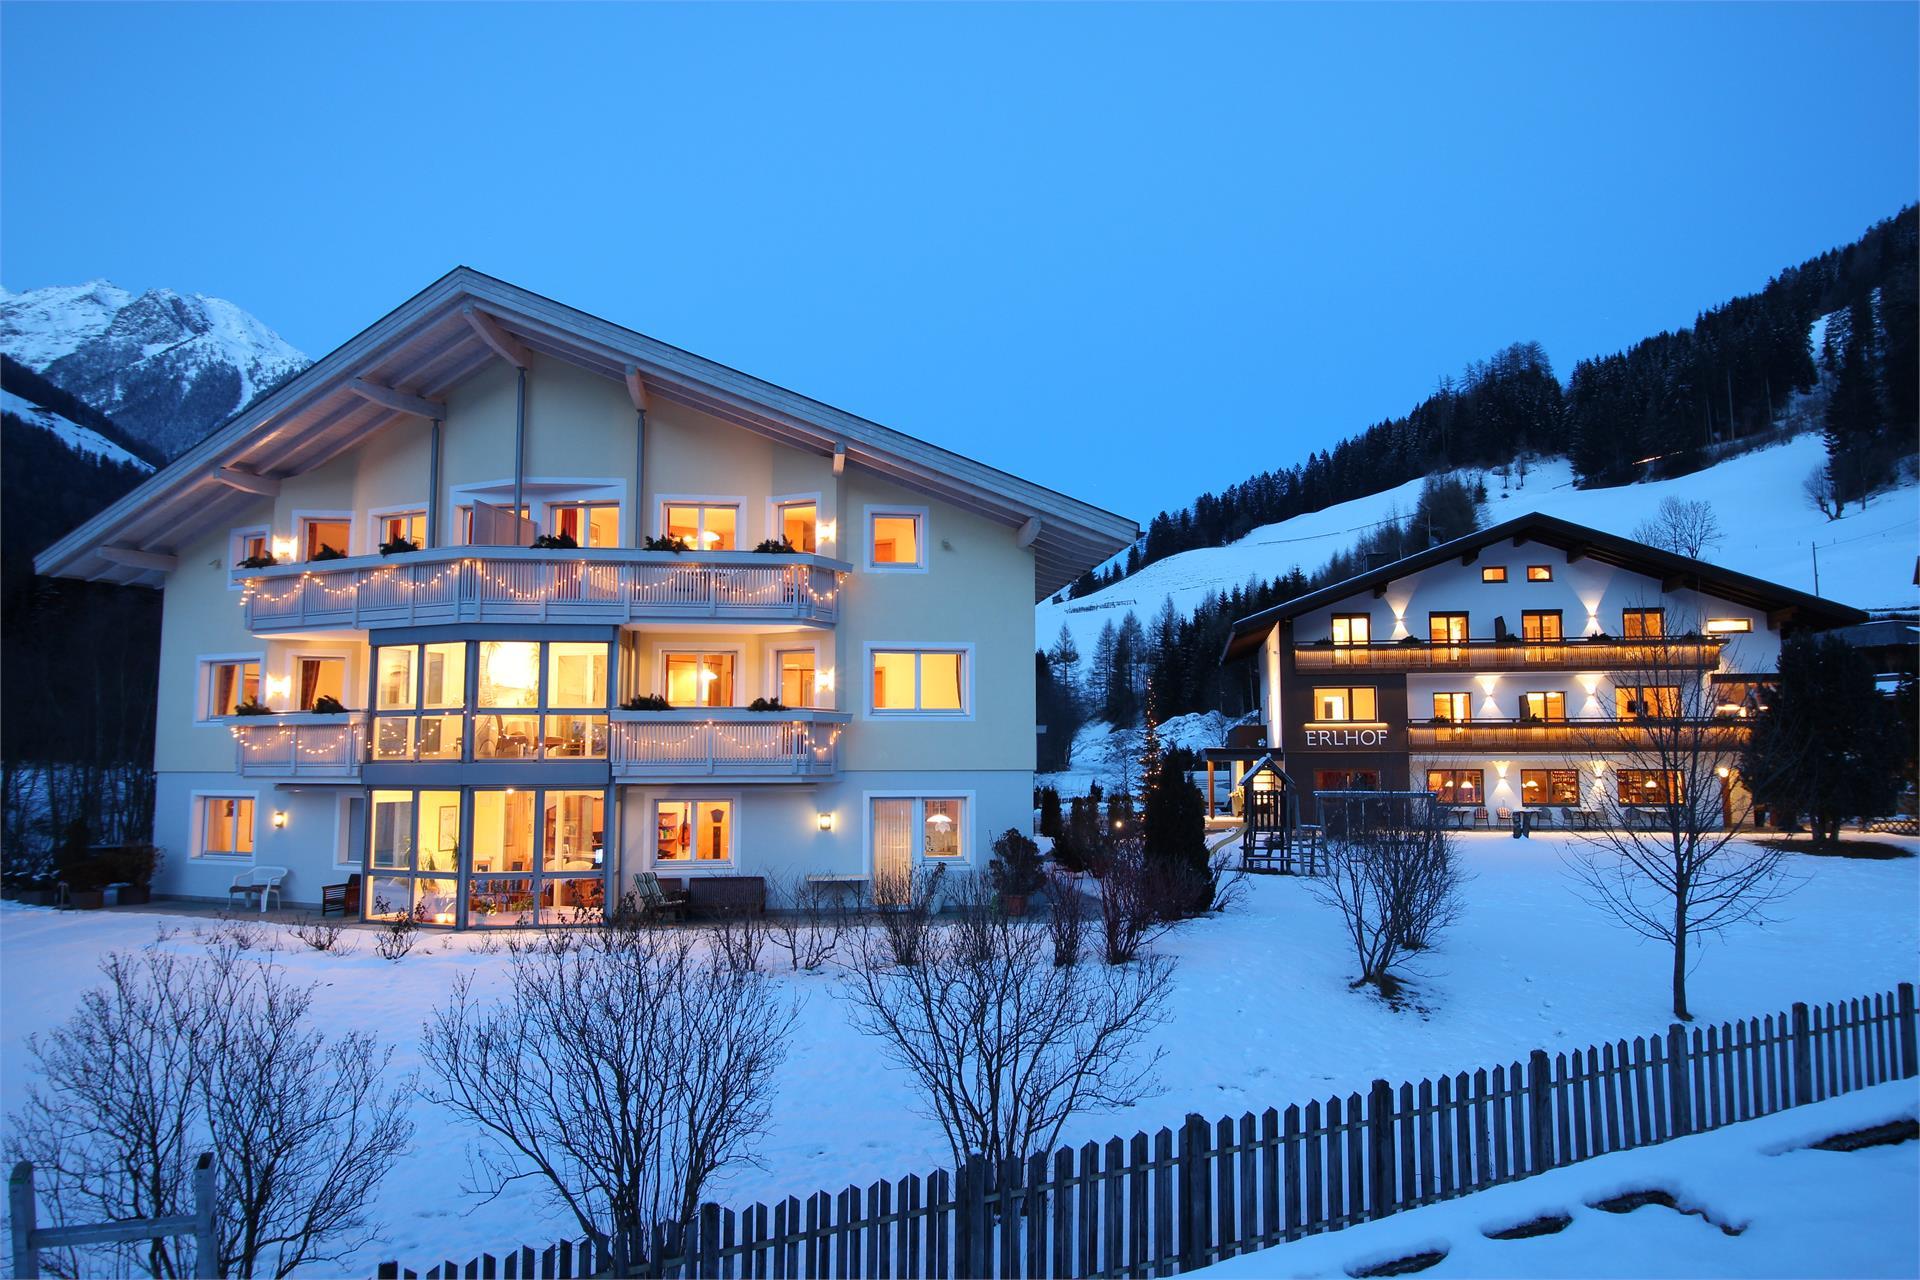 Appartement Hotel Erlhof